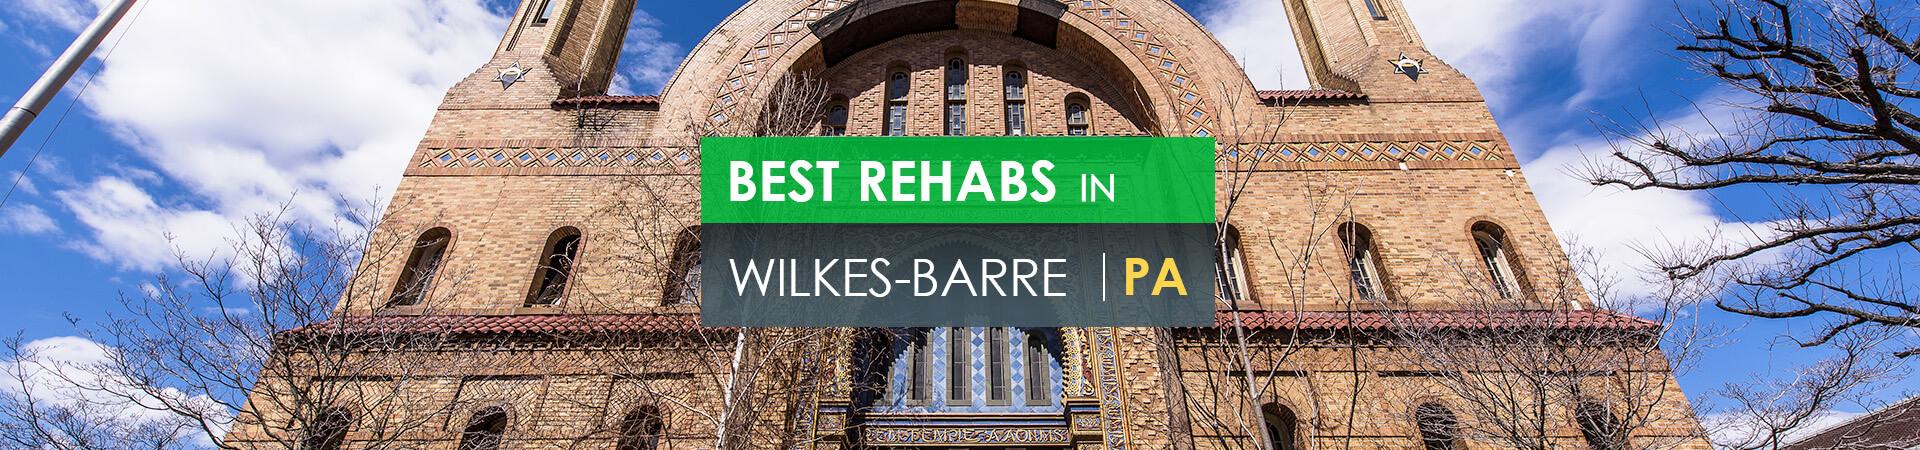 Best rehabs in Wilkes-Barre, PA